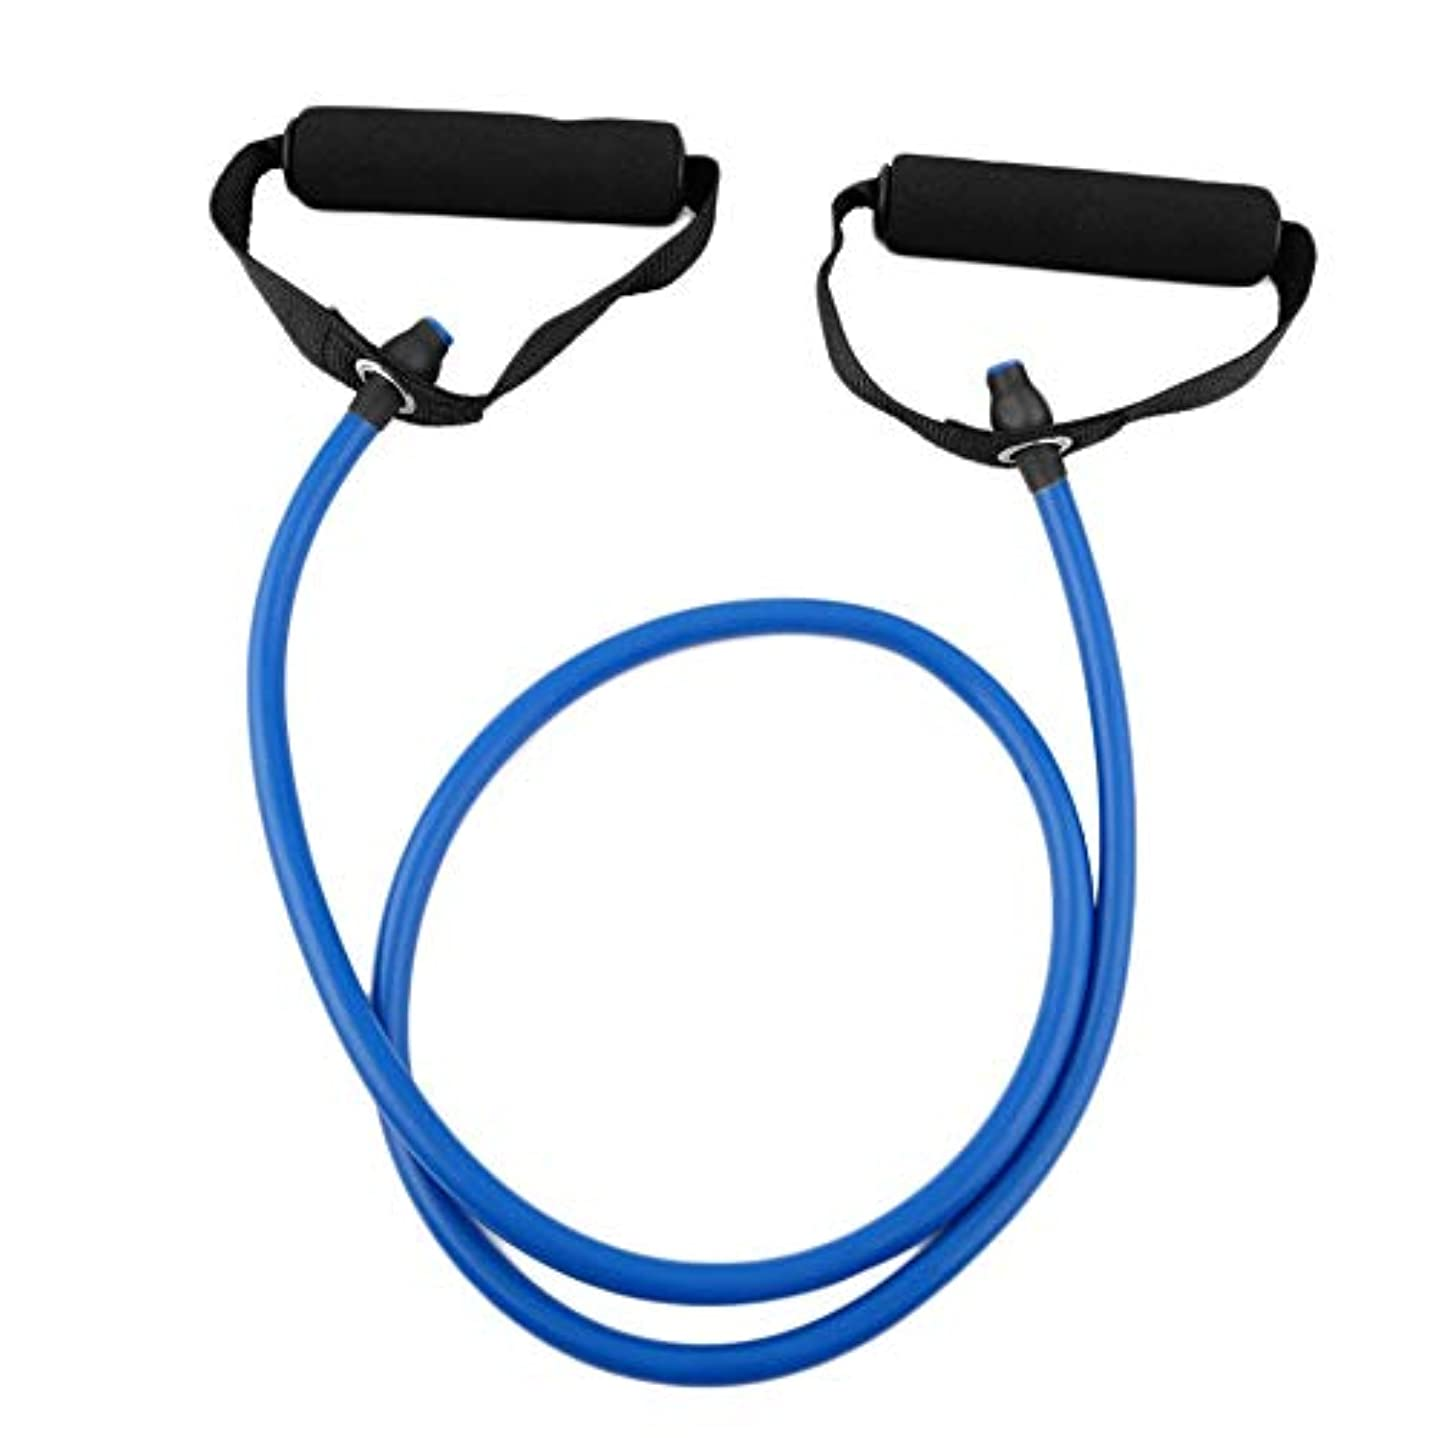 資格含意腕フィットネス抵抗バンドロープチューブ弾性運動用ヨガピラティスワークアウトホームスポーツプルロープジムエクササイズツール